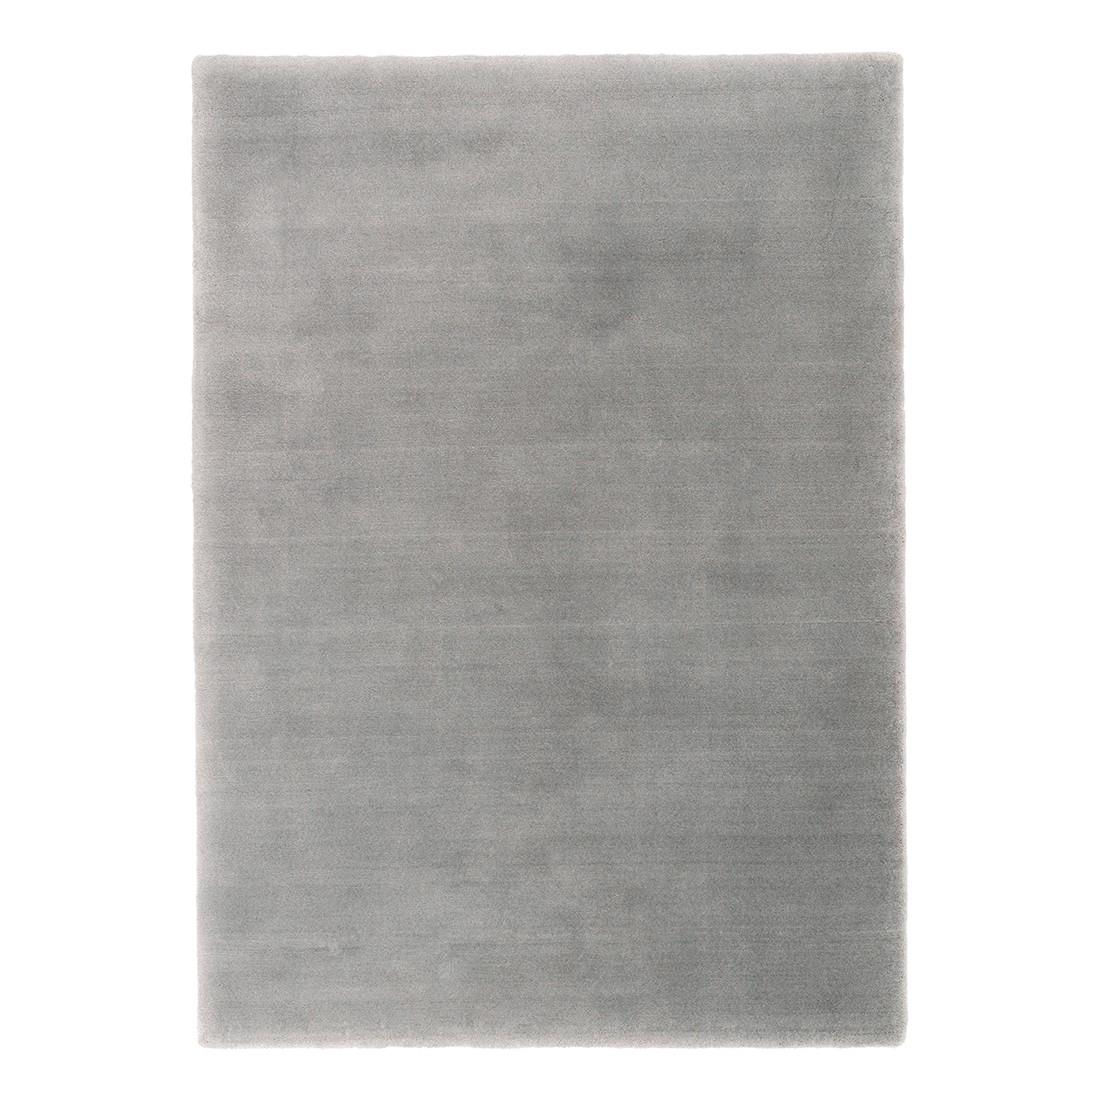 Teppich Montra – Hellgrau – 140 x 200 cm, Schöner Wohnen Kollektion günstig